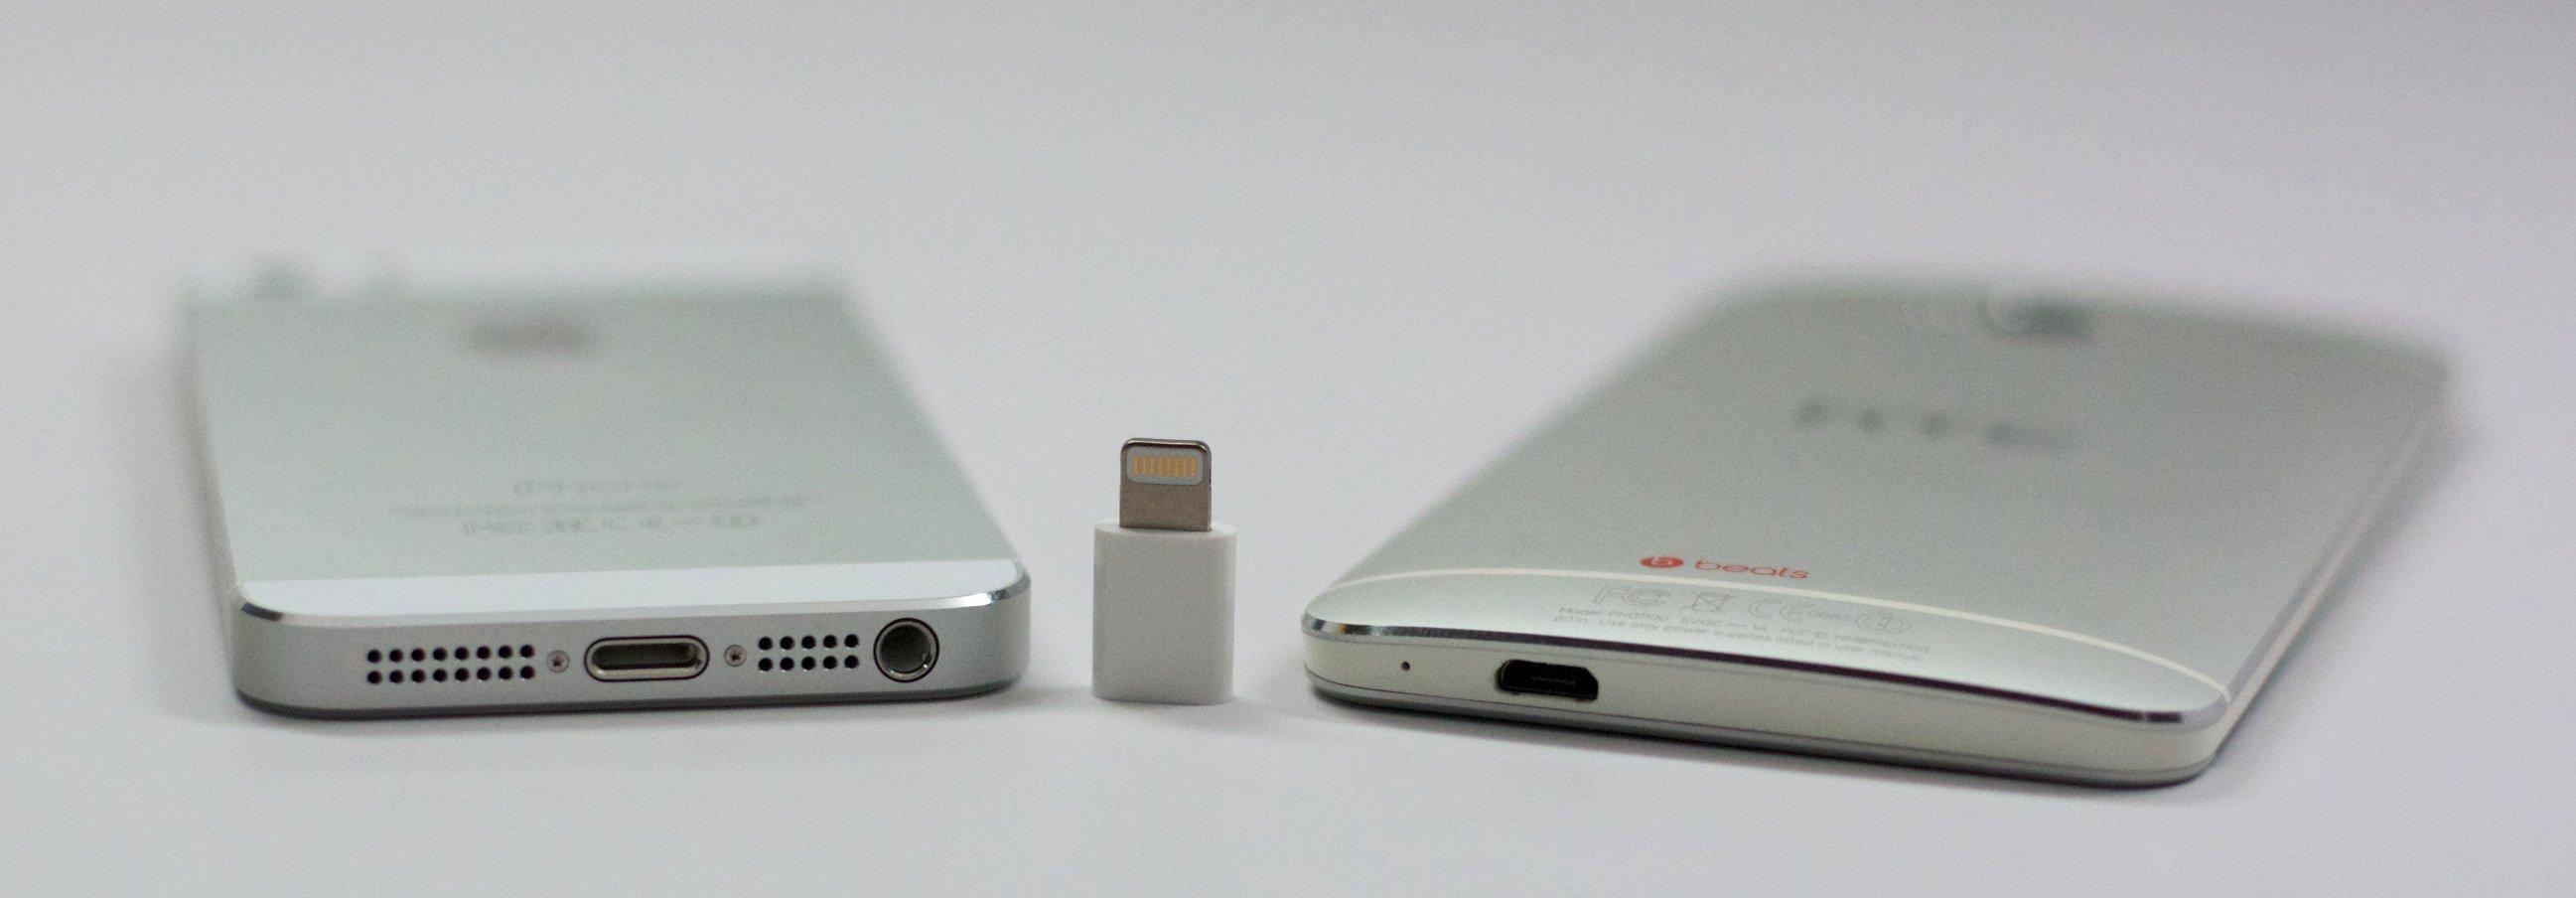 IPhone 5s använder en Lightning -anslutning och HTC One använder en Micro USB, men med en adapter kan samma kabel ladda båda.